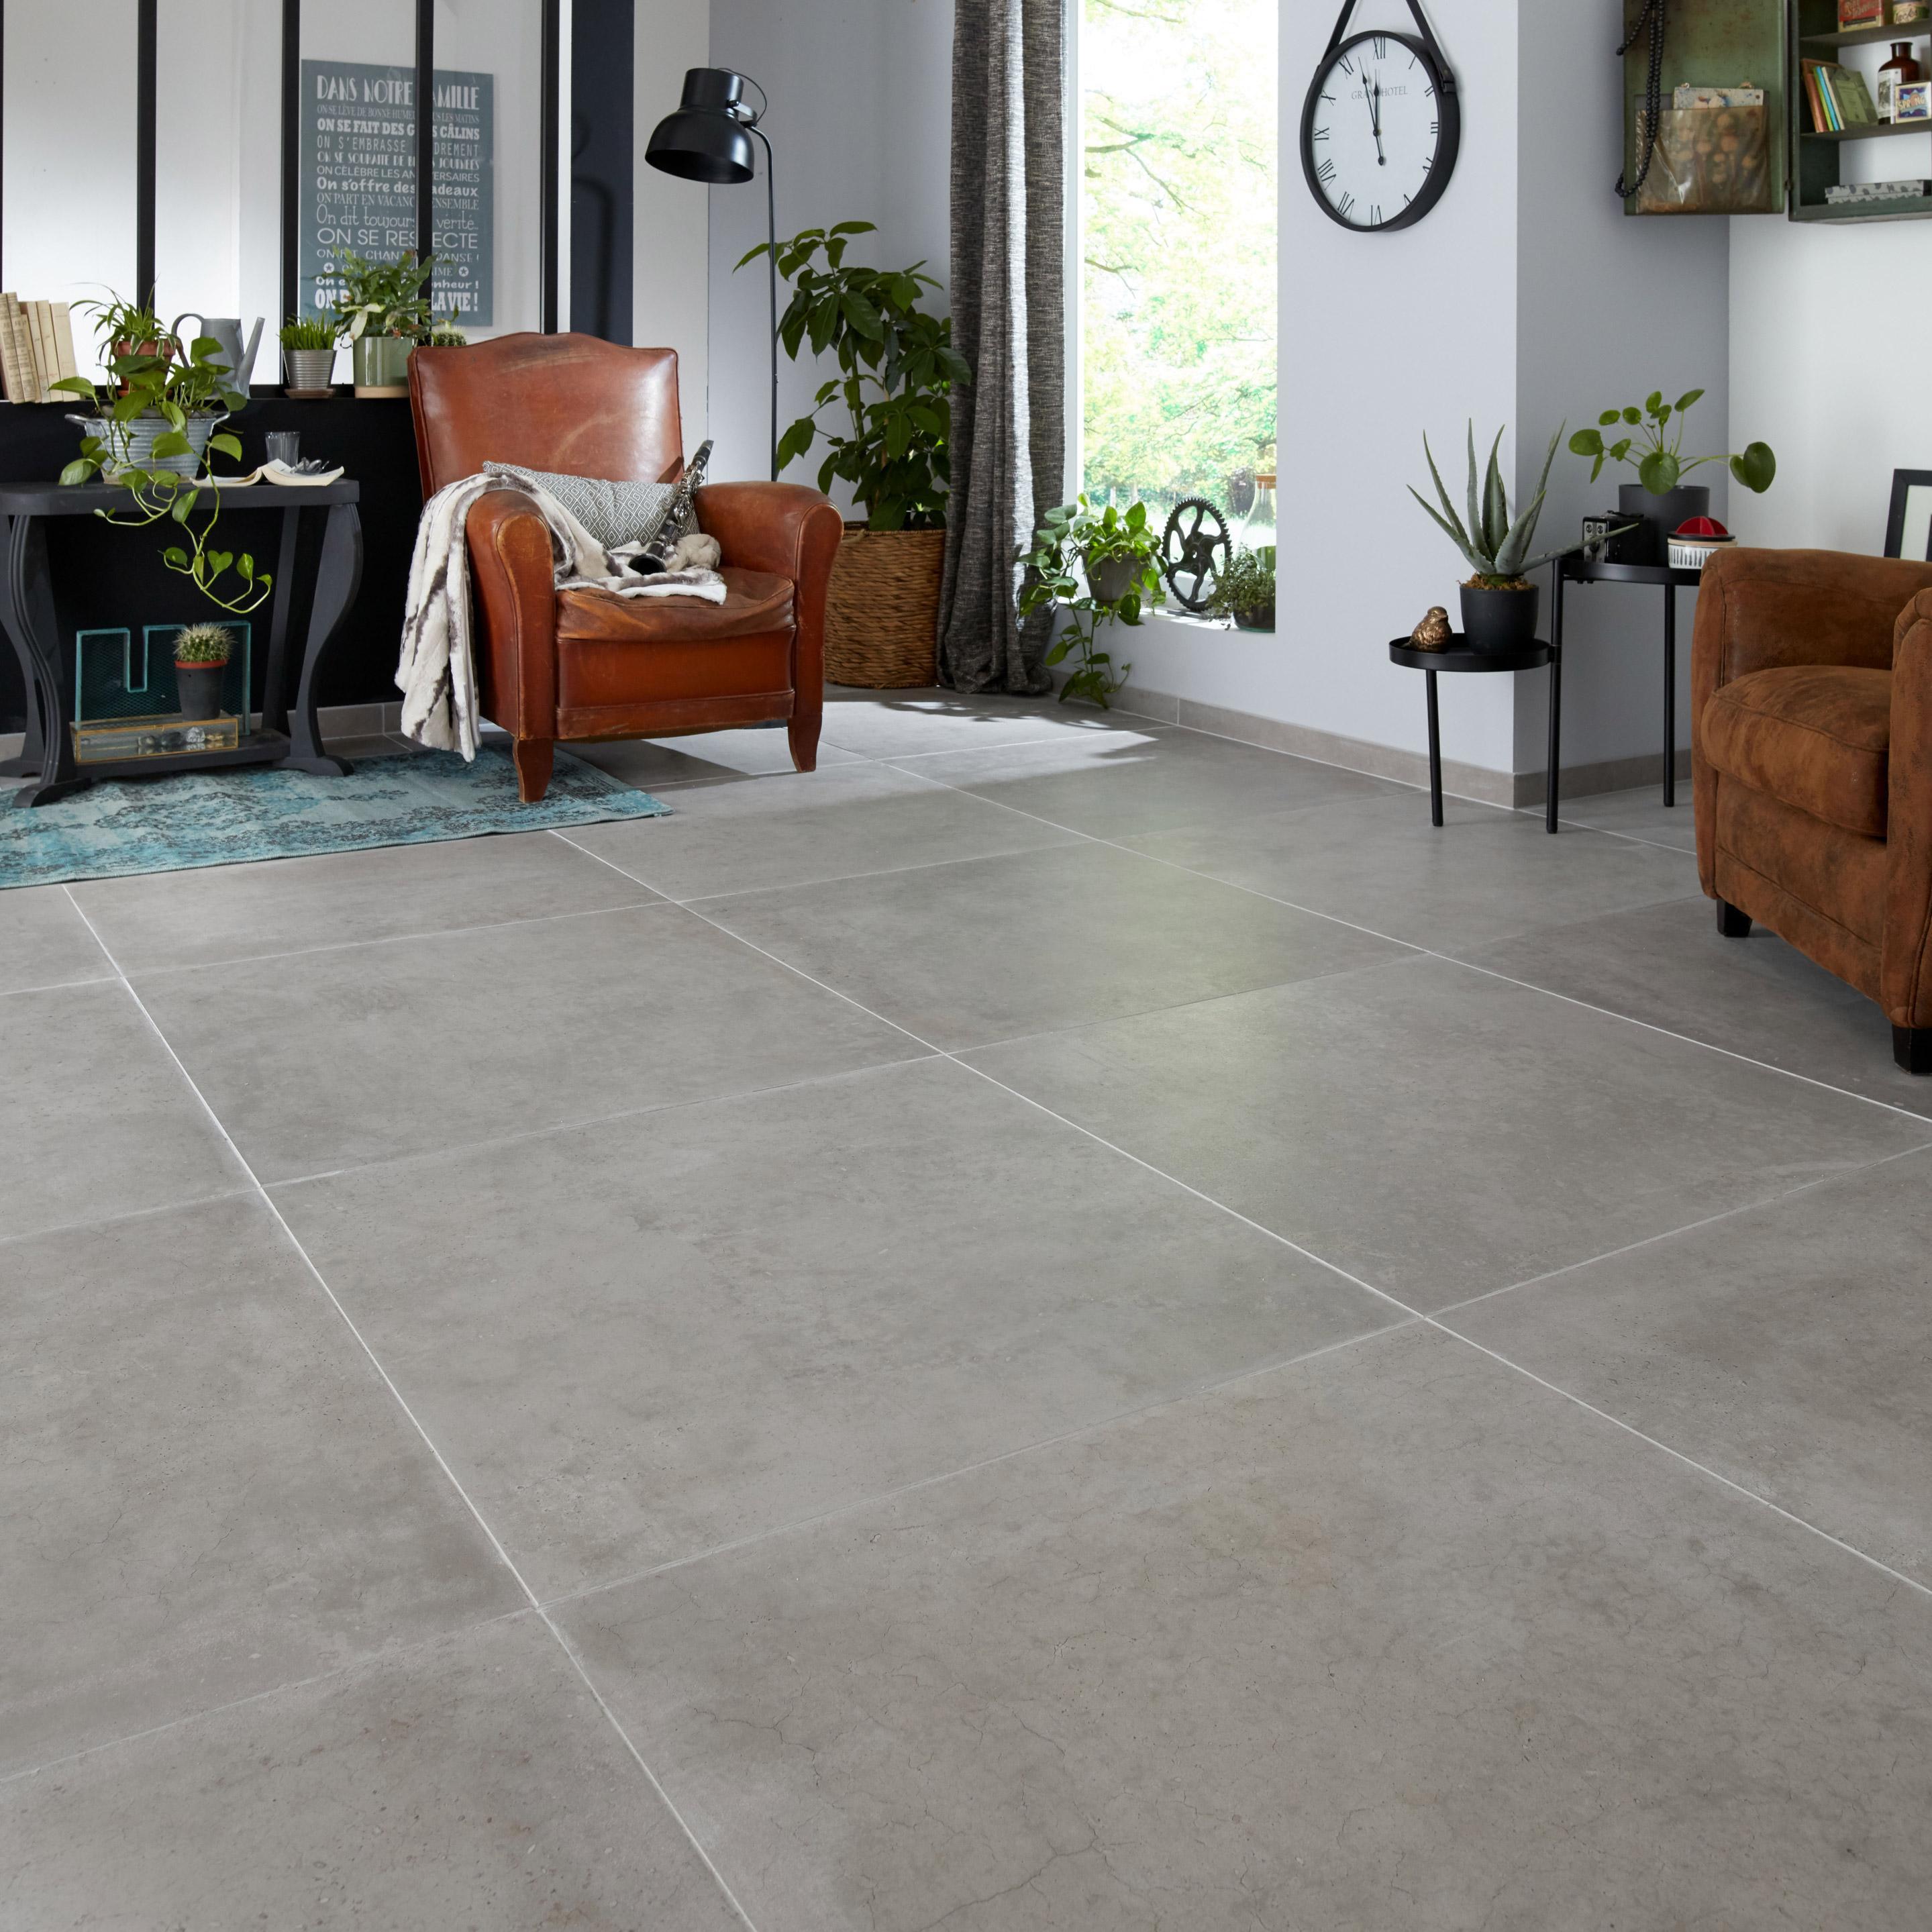 Carrelage sol et mur intenso effet béton gris clair Spirit l.80 x L.80 cm ARIANA